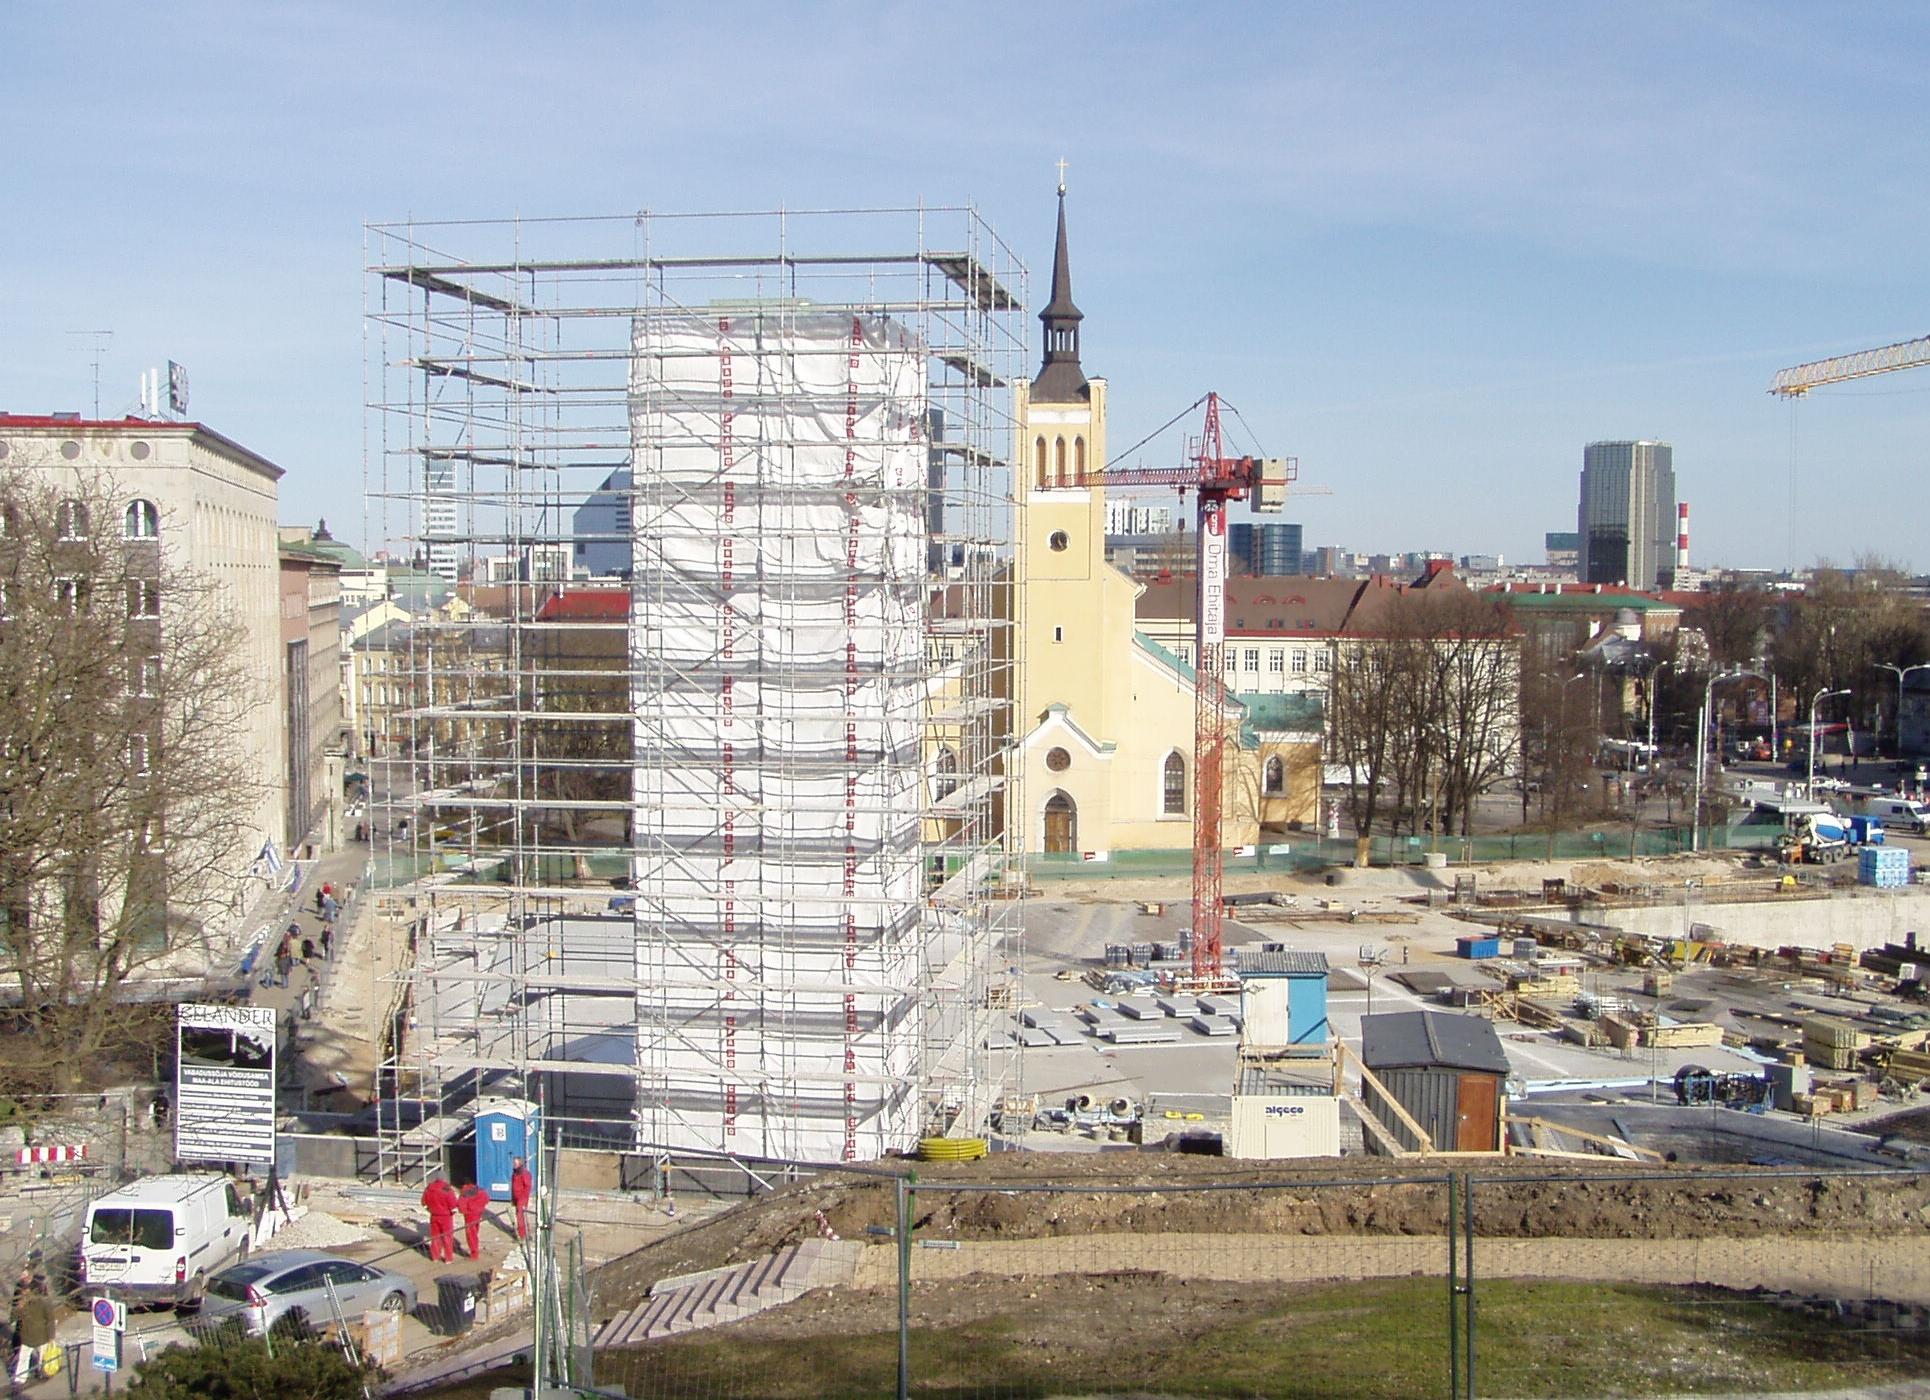 Kliki pilt suuremaks ja vaata 21.04.2009 Harjumäe nõlvale kerkivat maitsetuse monumenti ja Eesti majandusedu matmise ausammast. Foto Virgo Kruve